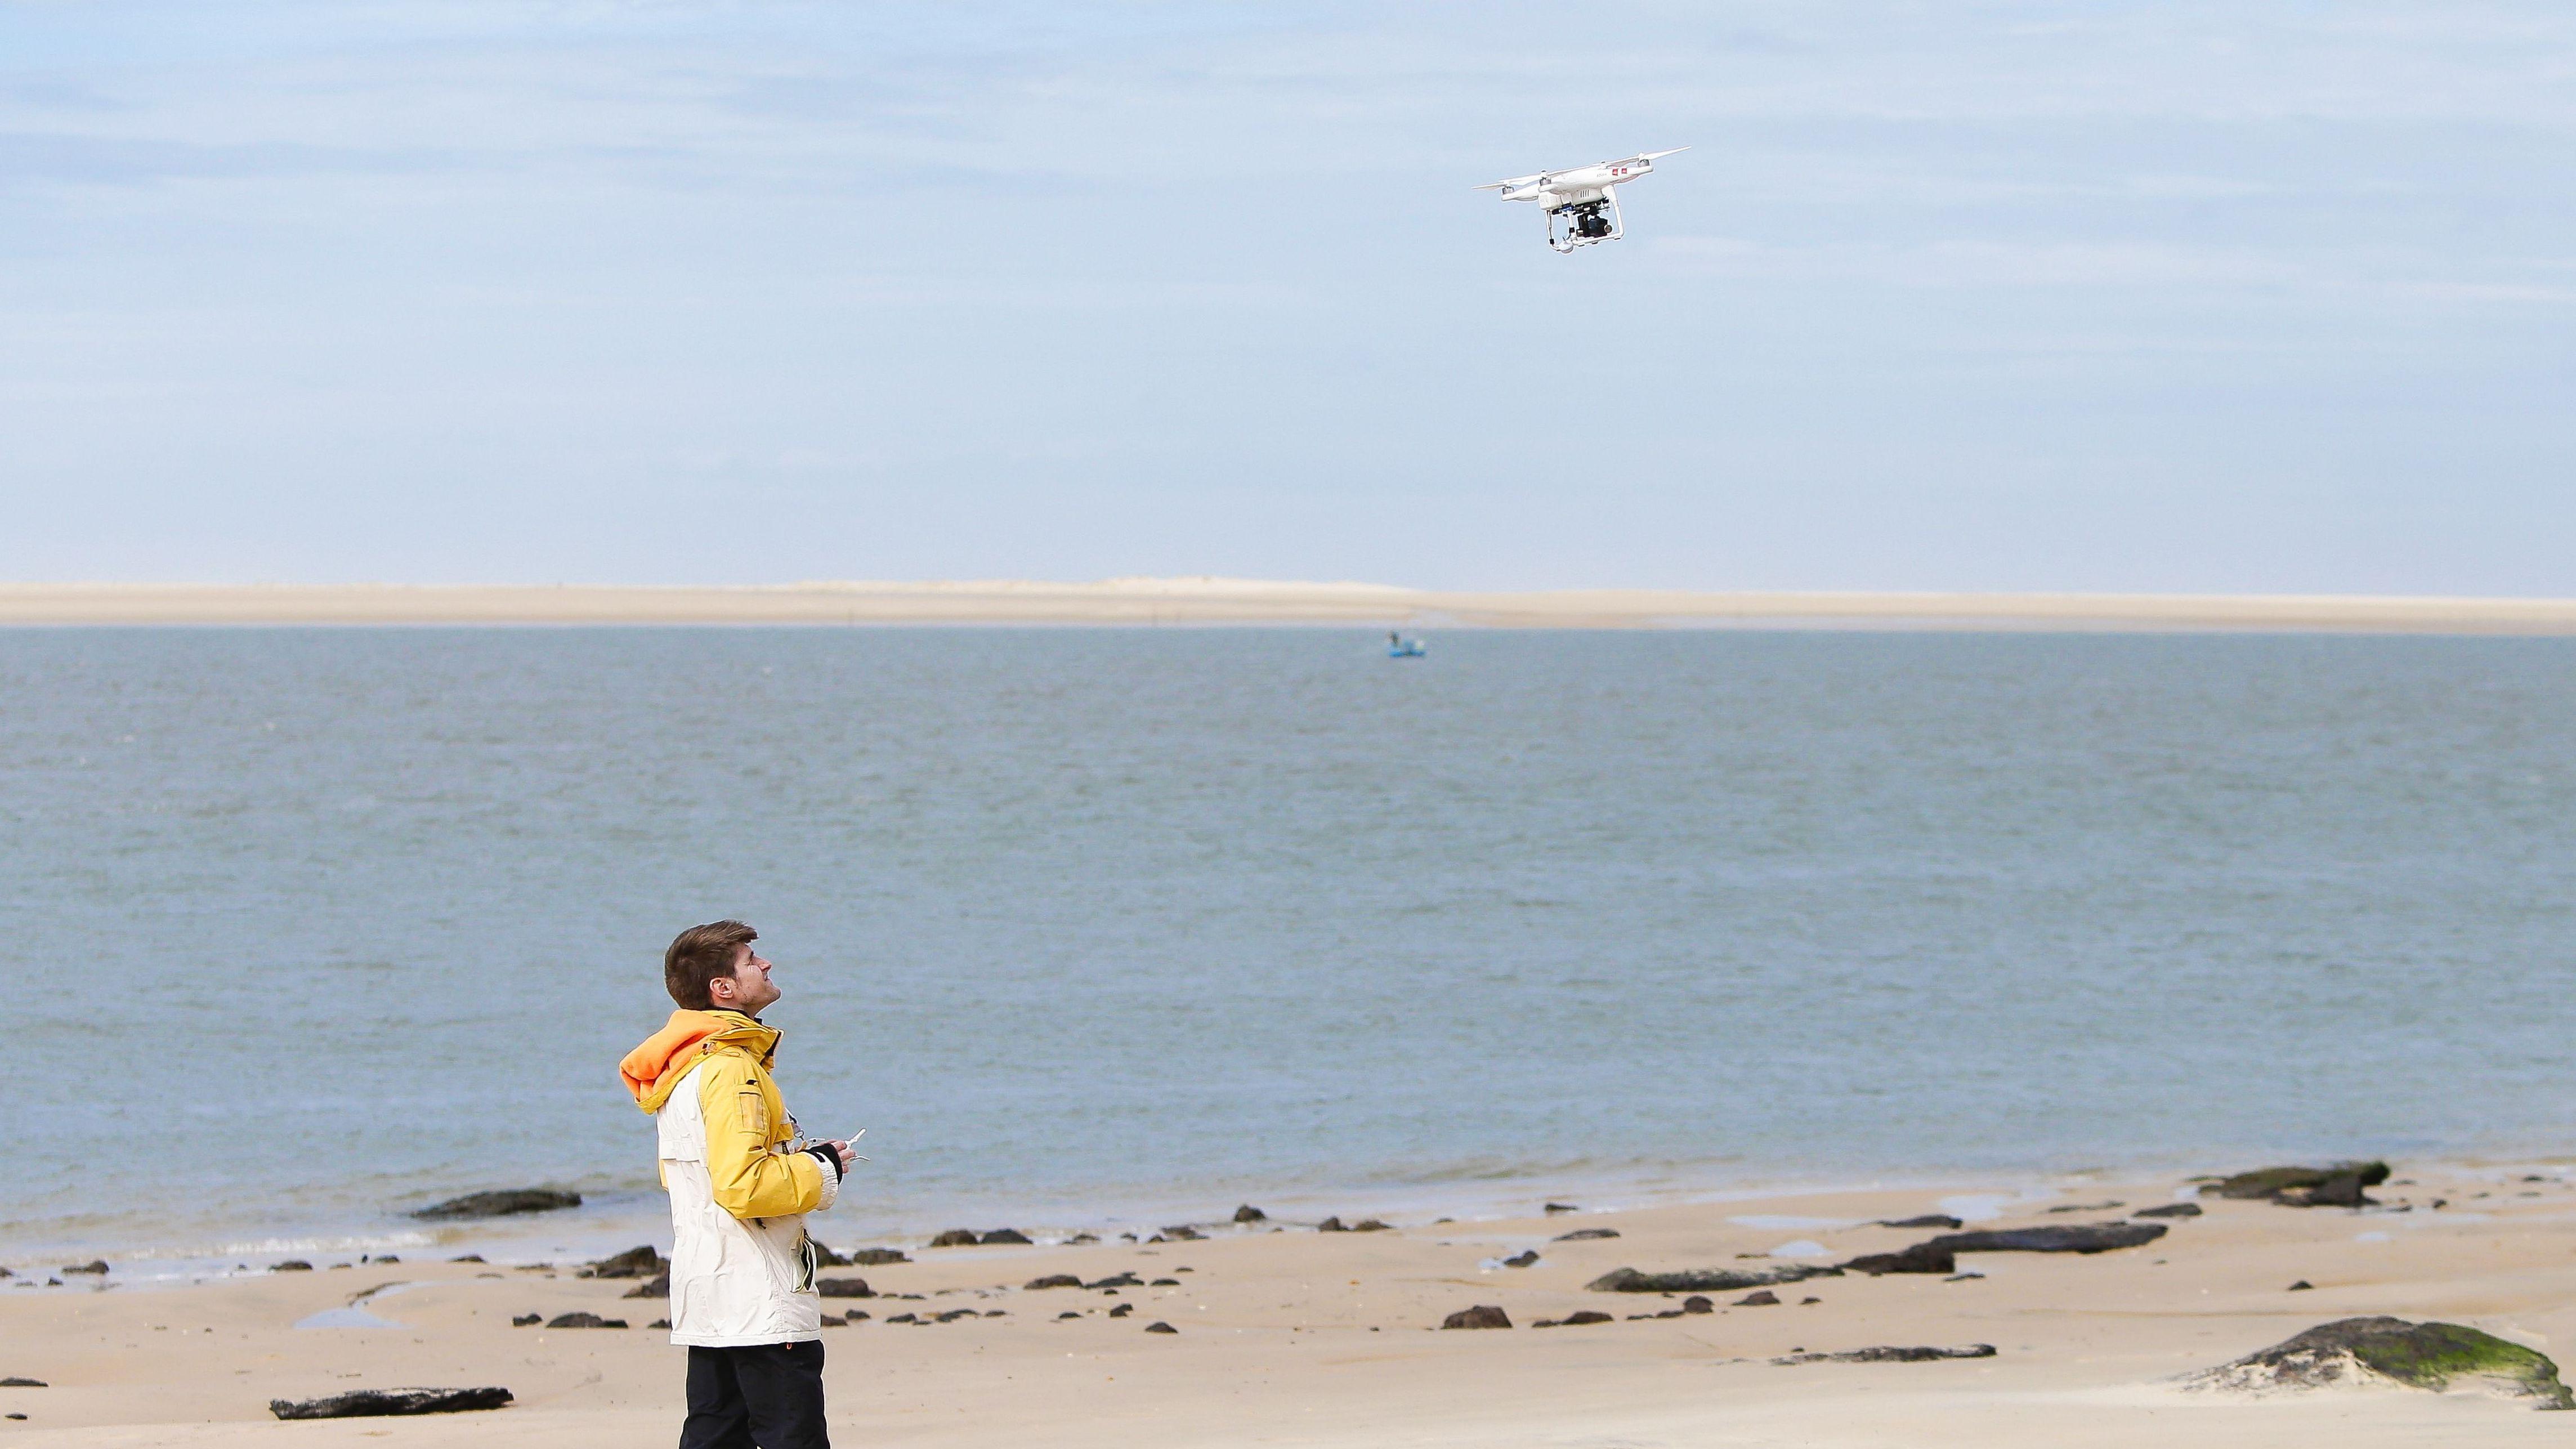 電池切れでも墜落しない NASA開発の新技術で 宅配ドローンは離陸するか